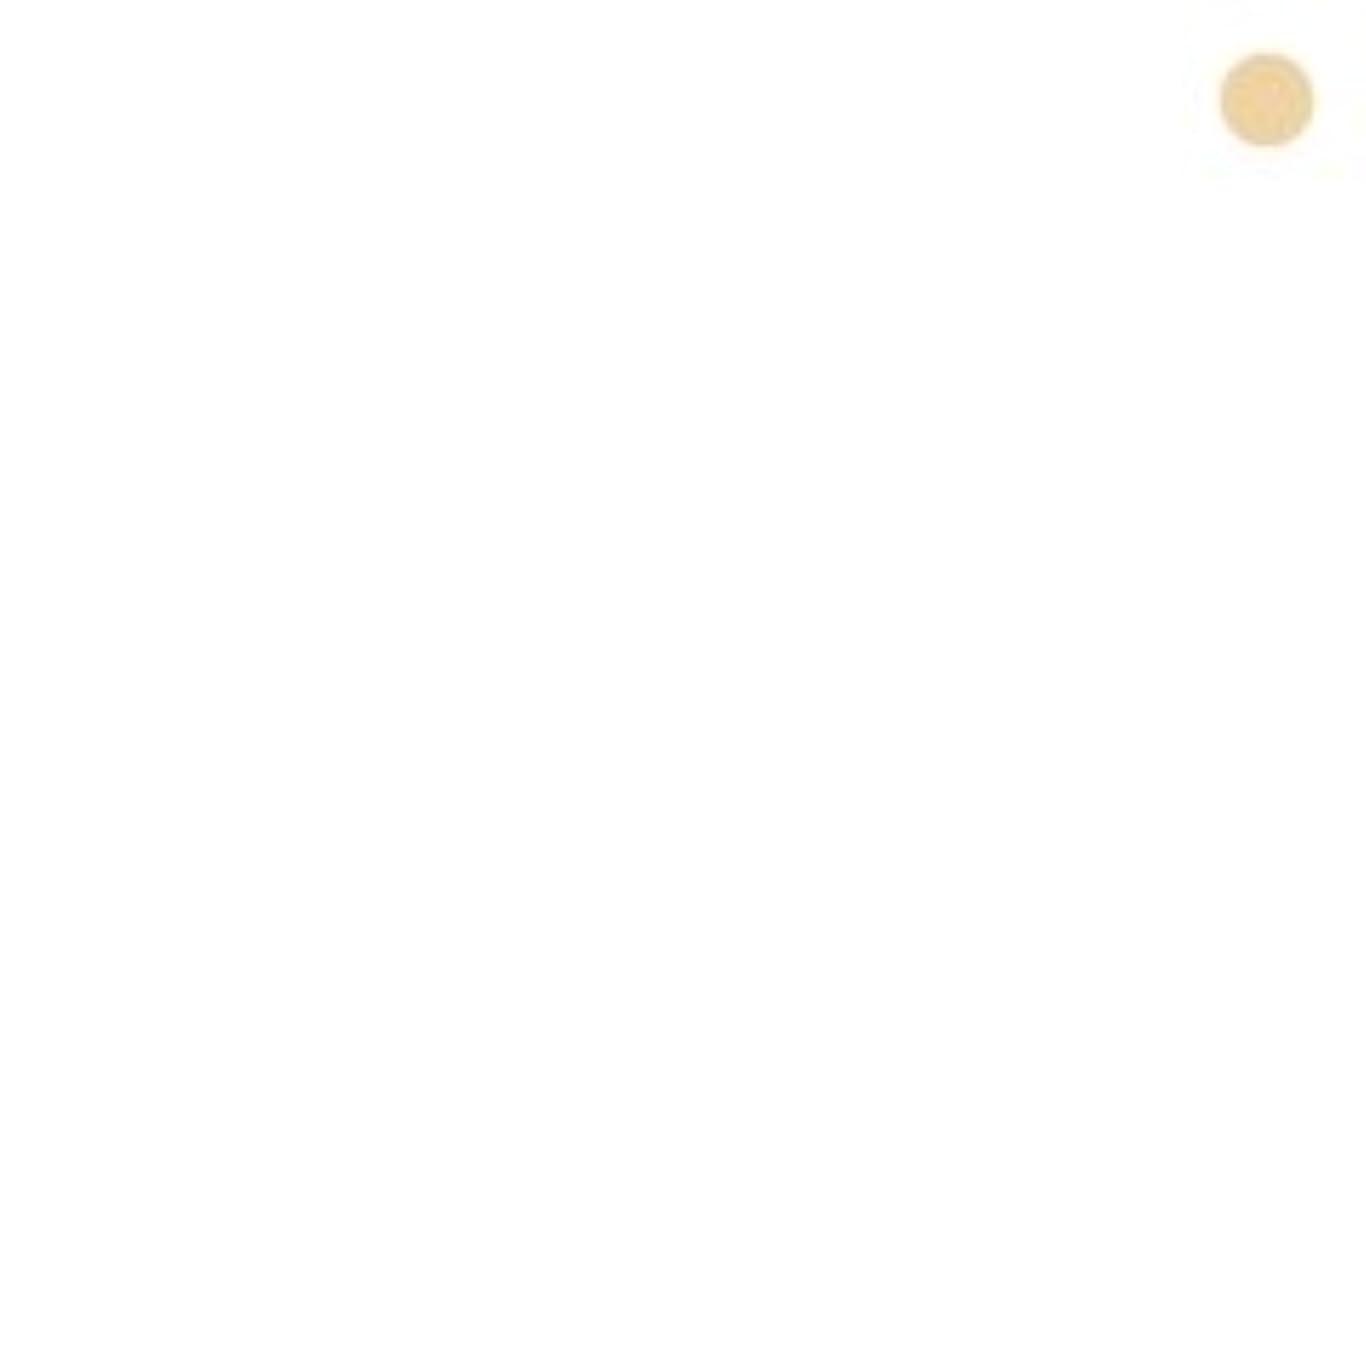 混合した全員どういたしまして【カバーマーク】ジャスミーカラー パウダリーファンデーション #YP10 (レフィル)